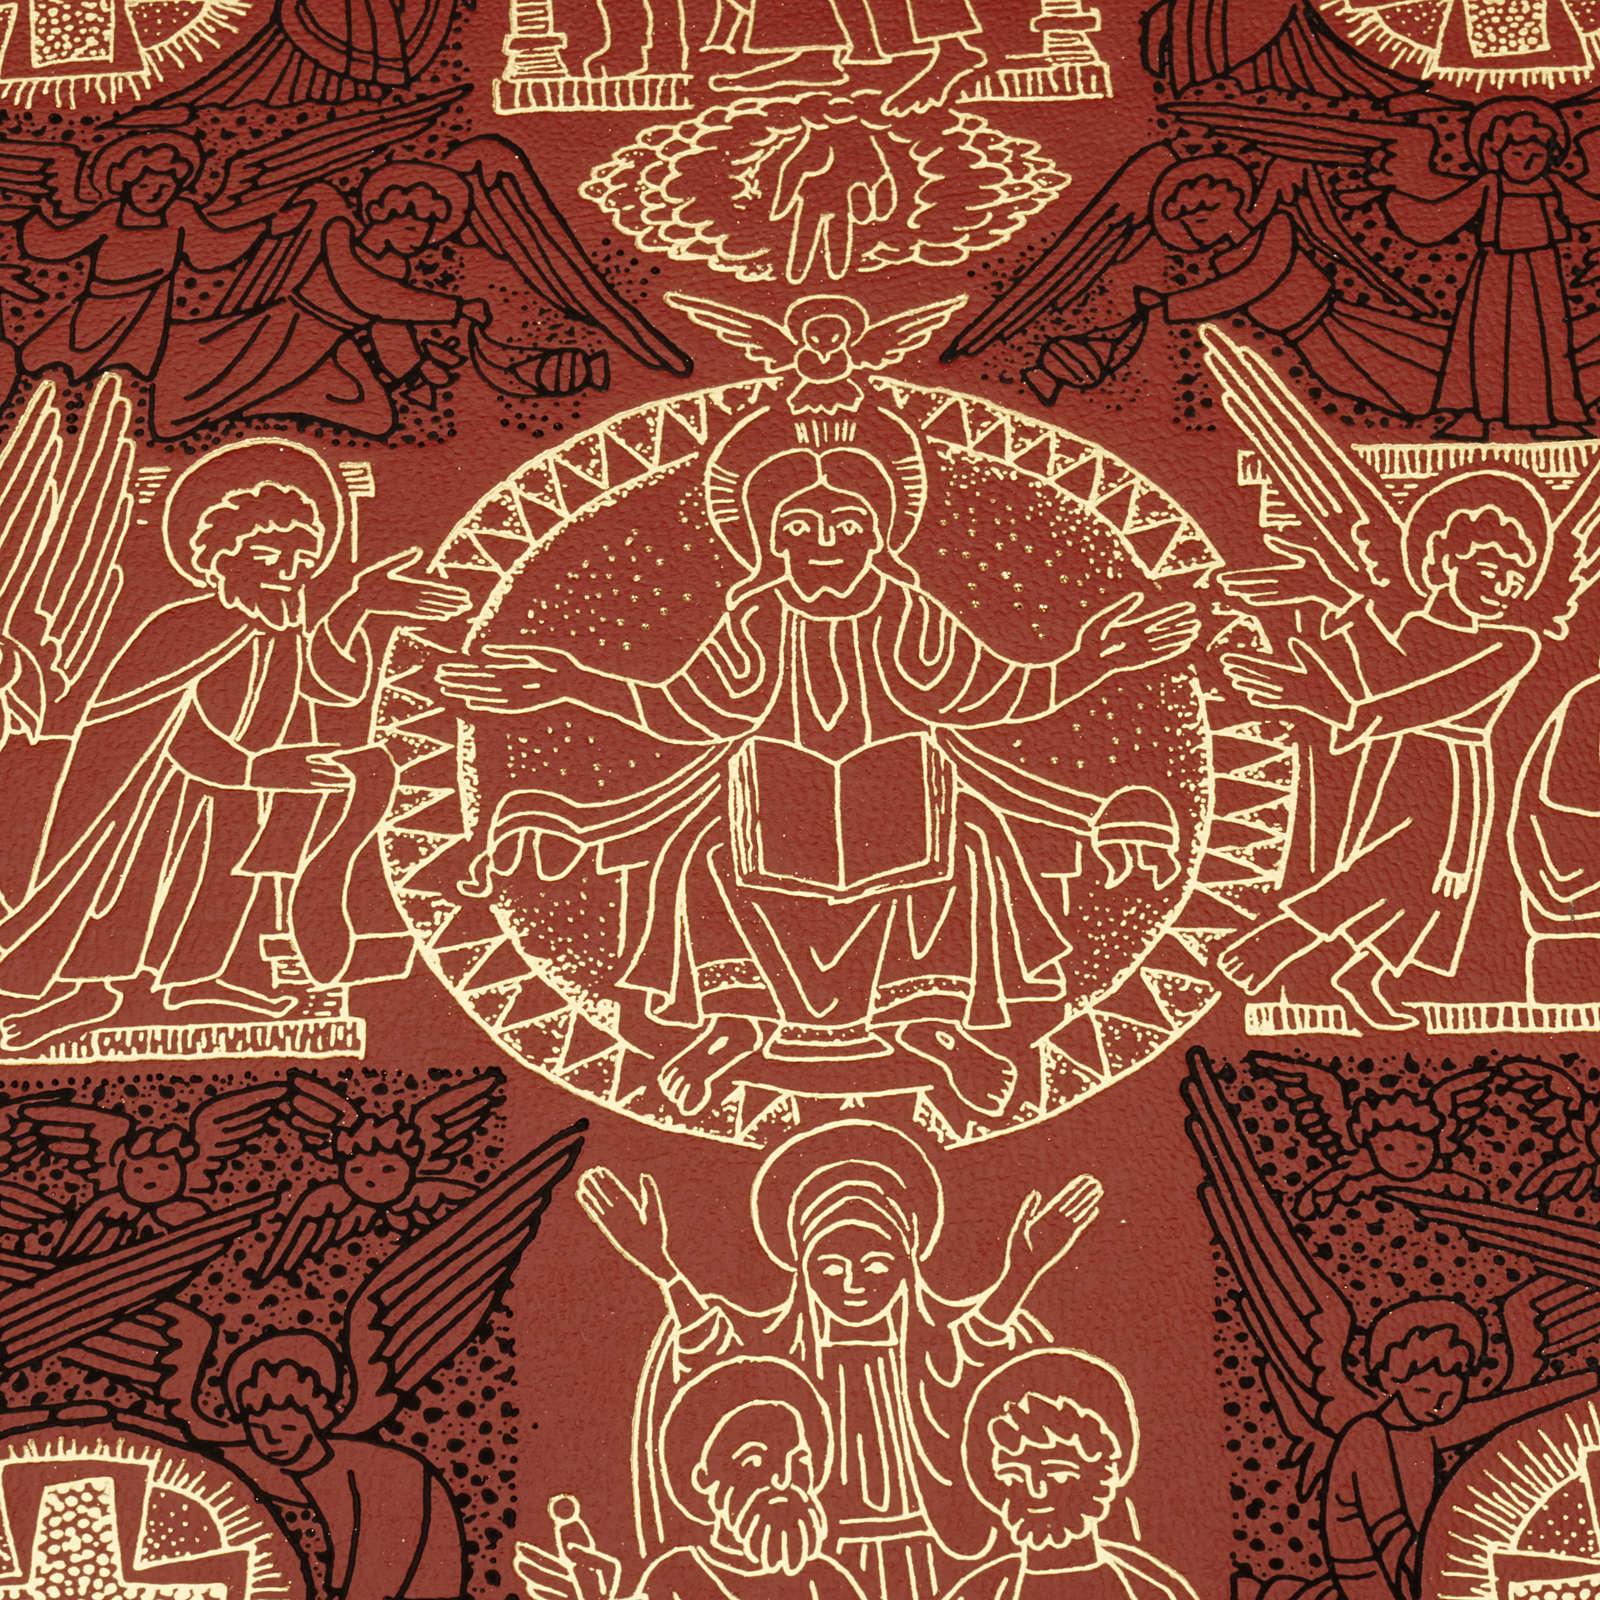 Messale Romano ed. maggiore (NO III EDIZIONE) 4